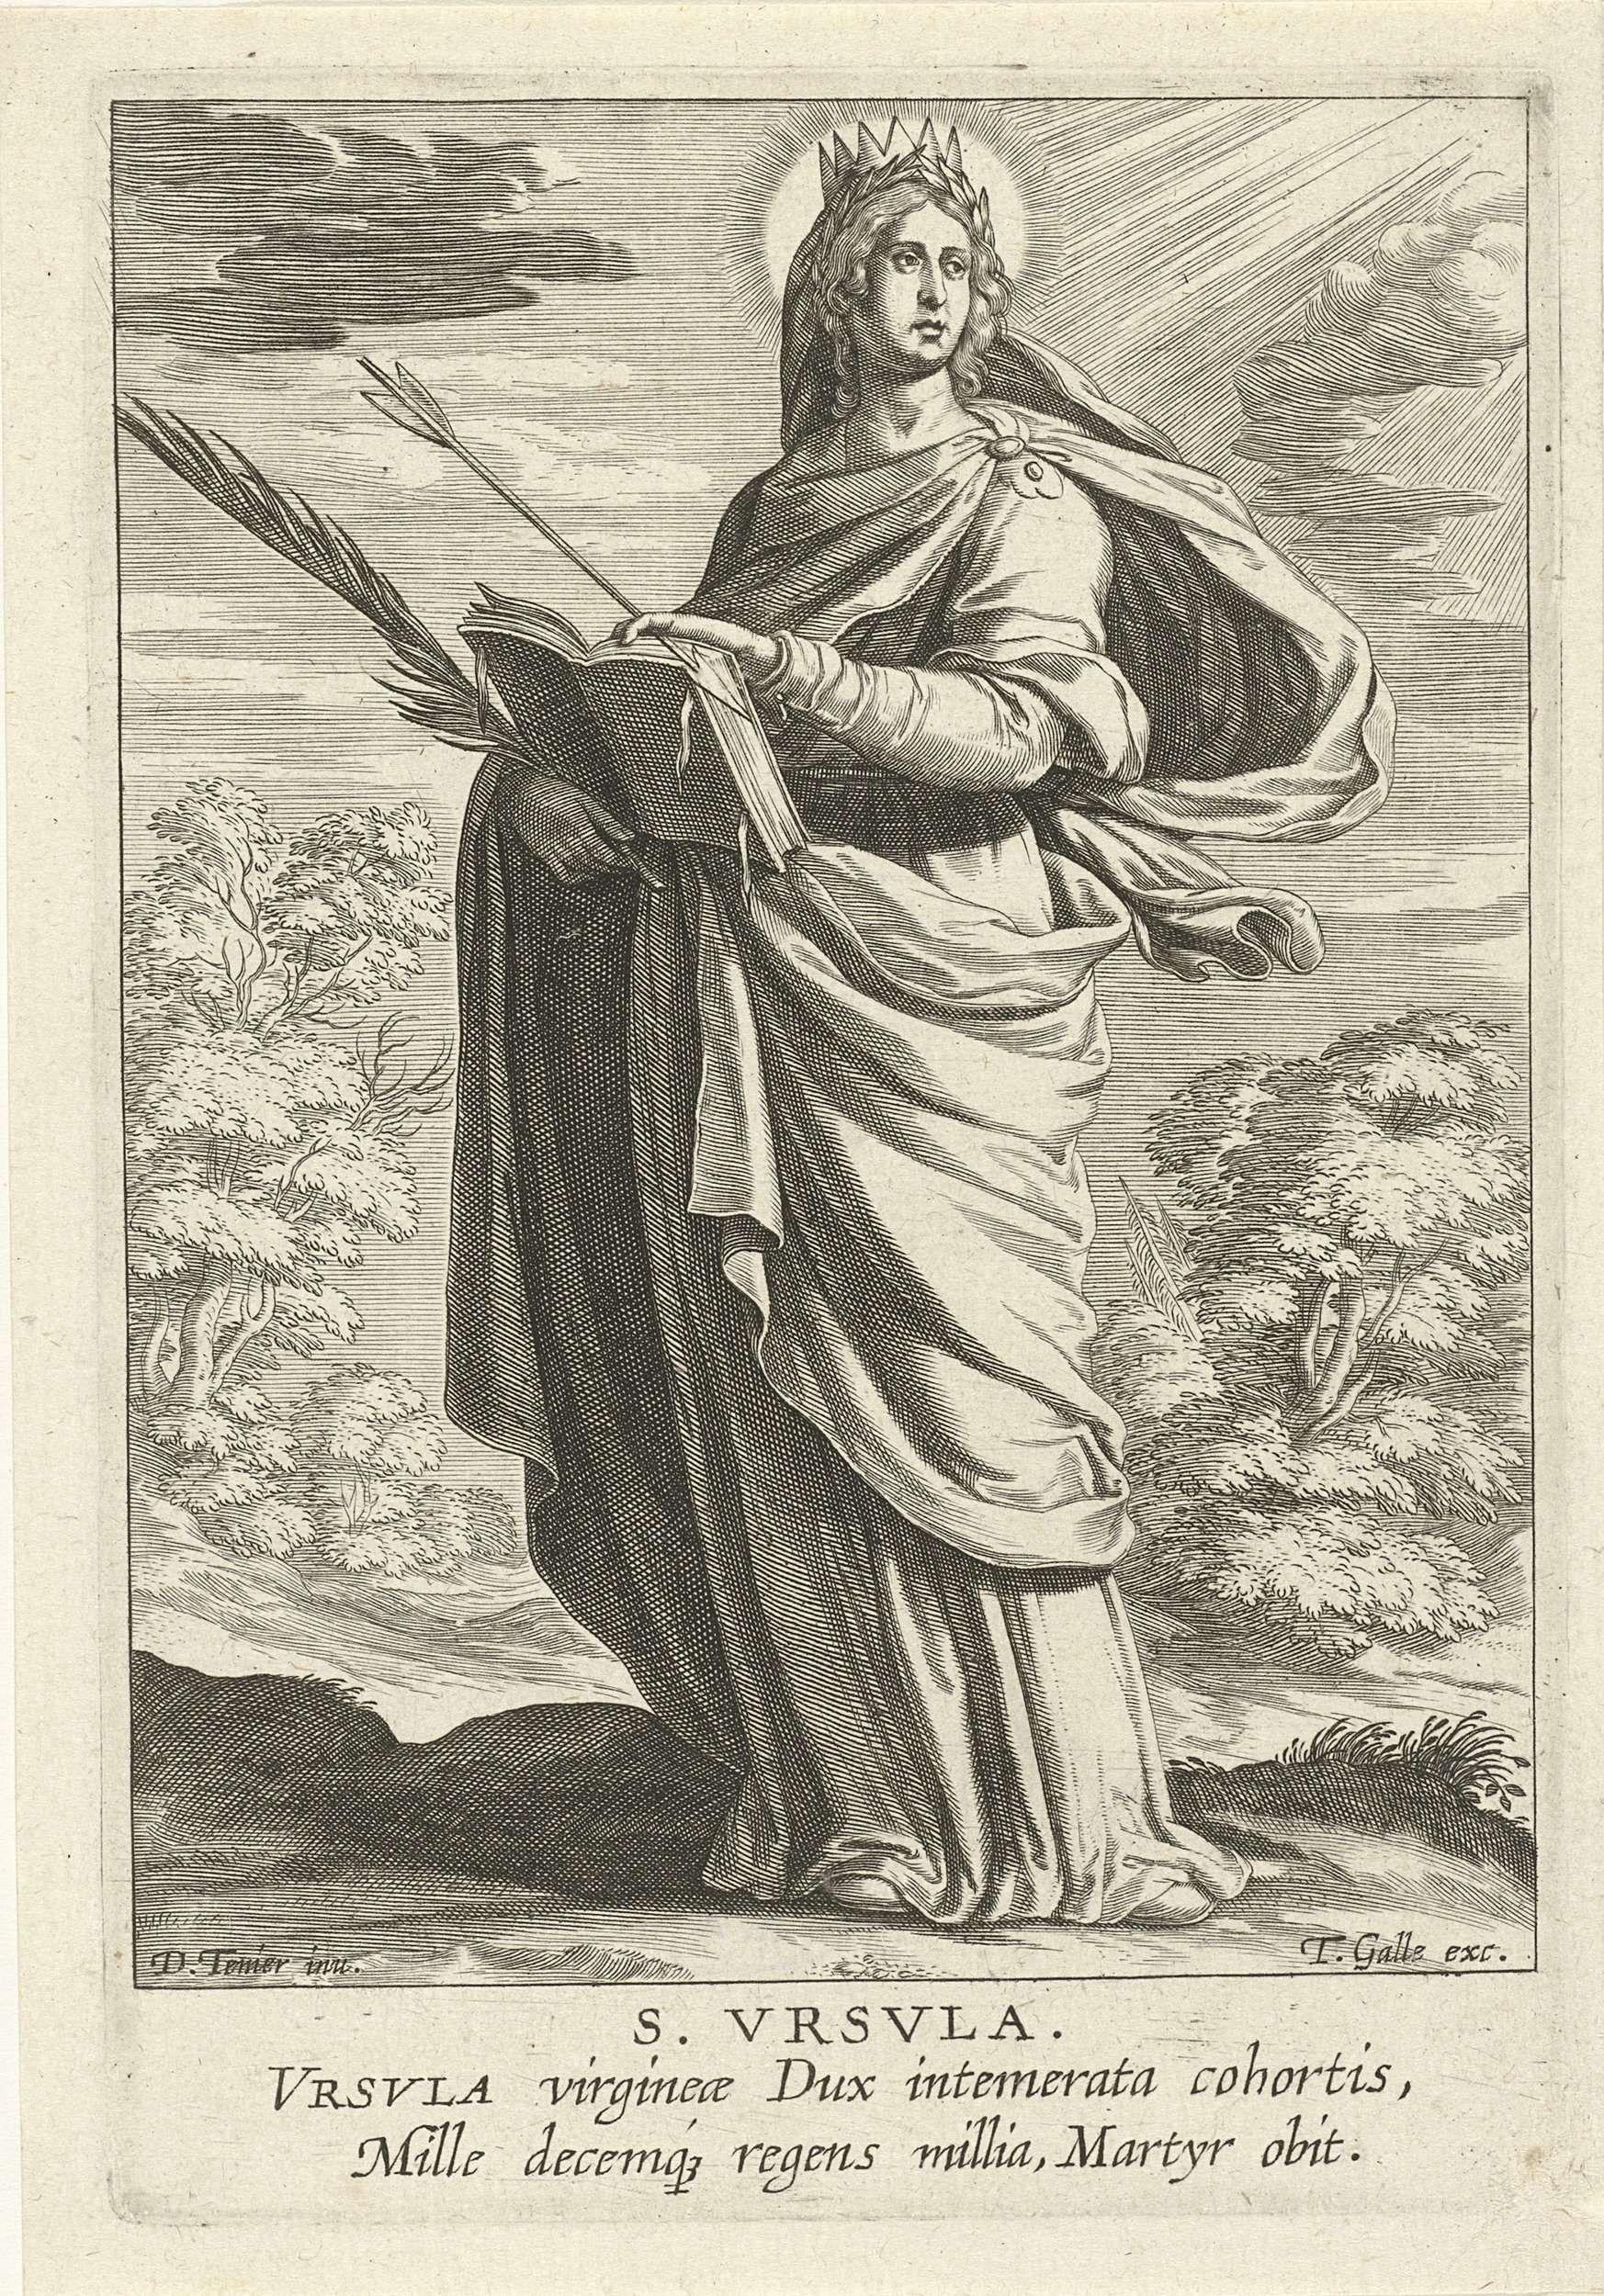 Theodoor Galle | Heilige Ursula, Theodoor Galle, 1581 - 1633 | De heilige Ursula van Rome. Zij draagt in haar handen een geopend boek, een palmtak en een pijl (van haar martelaarschap). De prent heeft een Latijns onderschrift en maakt deel uit van een serie over vrouwelijke heiligen